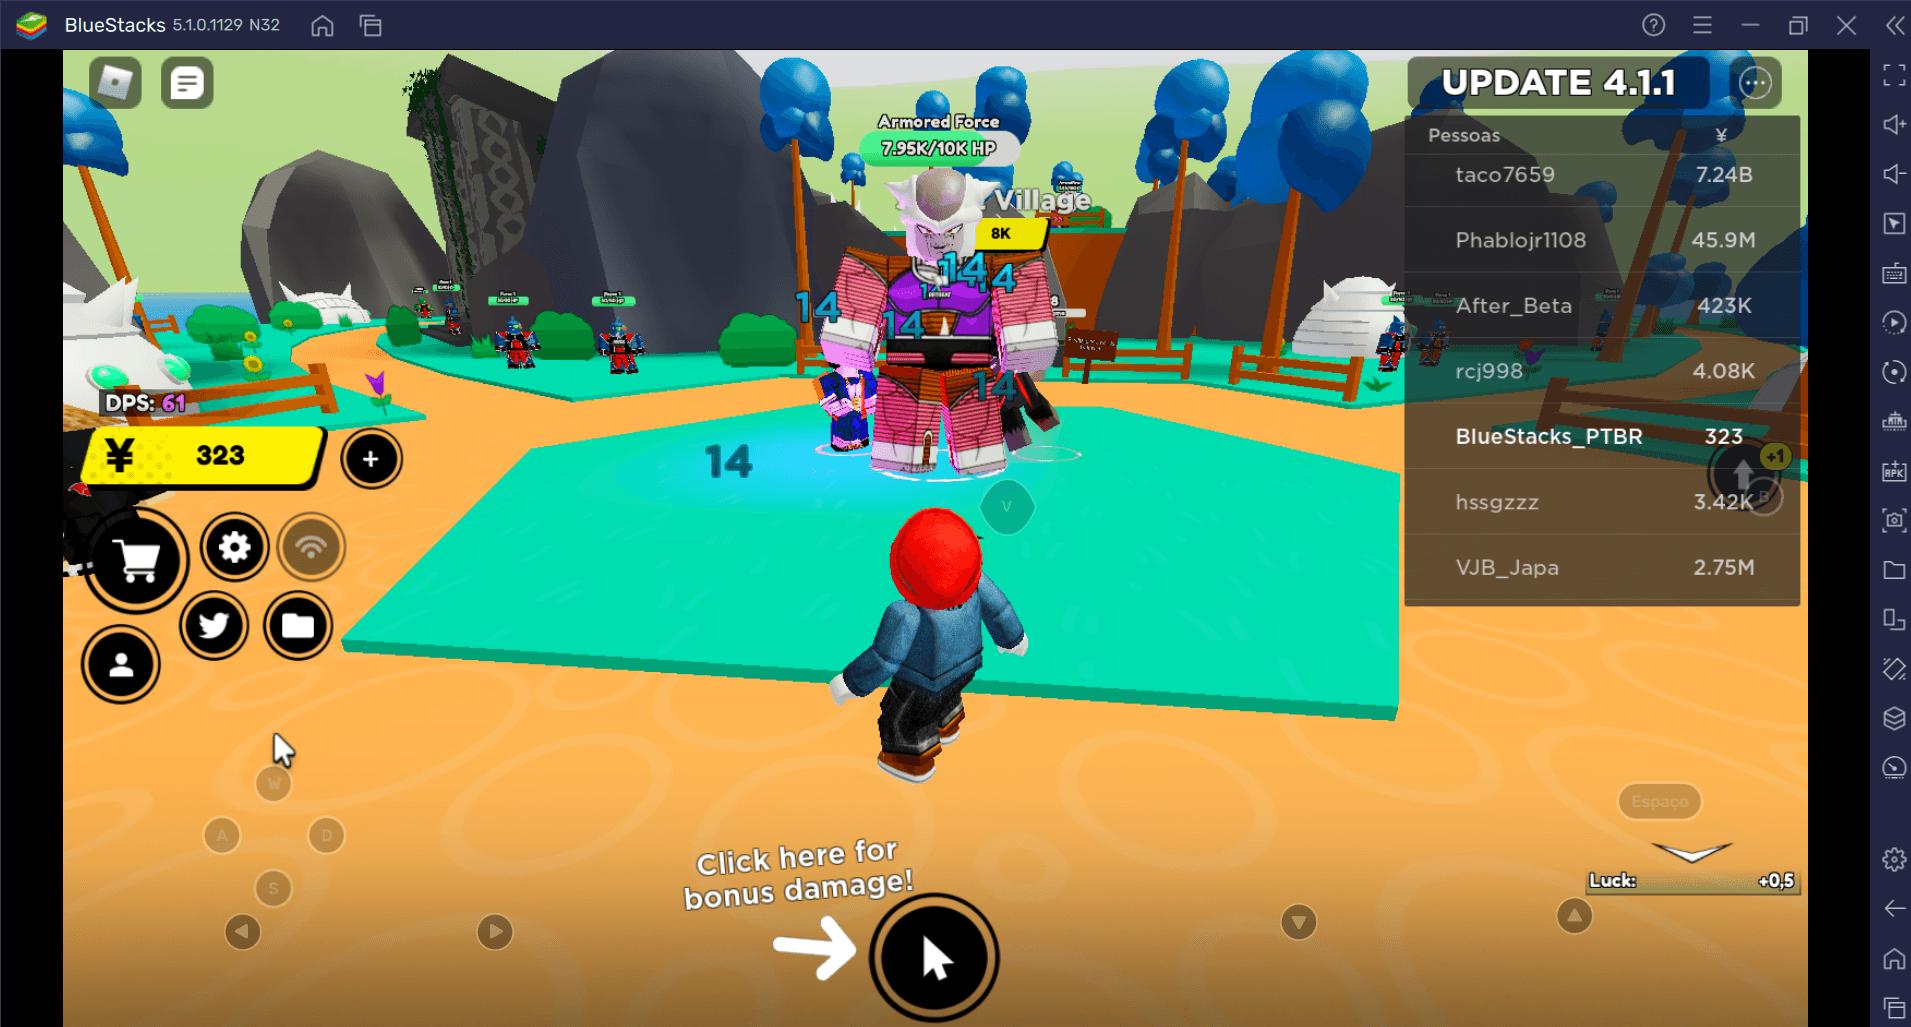 Automatize o farm em Roblox Anime Fighters Simulator e colete todos os personagens míticos sem gastar nenhum Robux